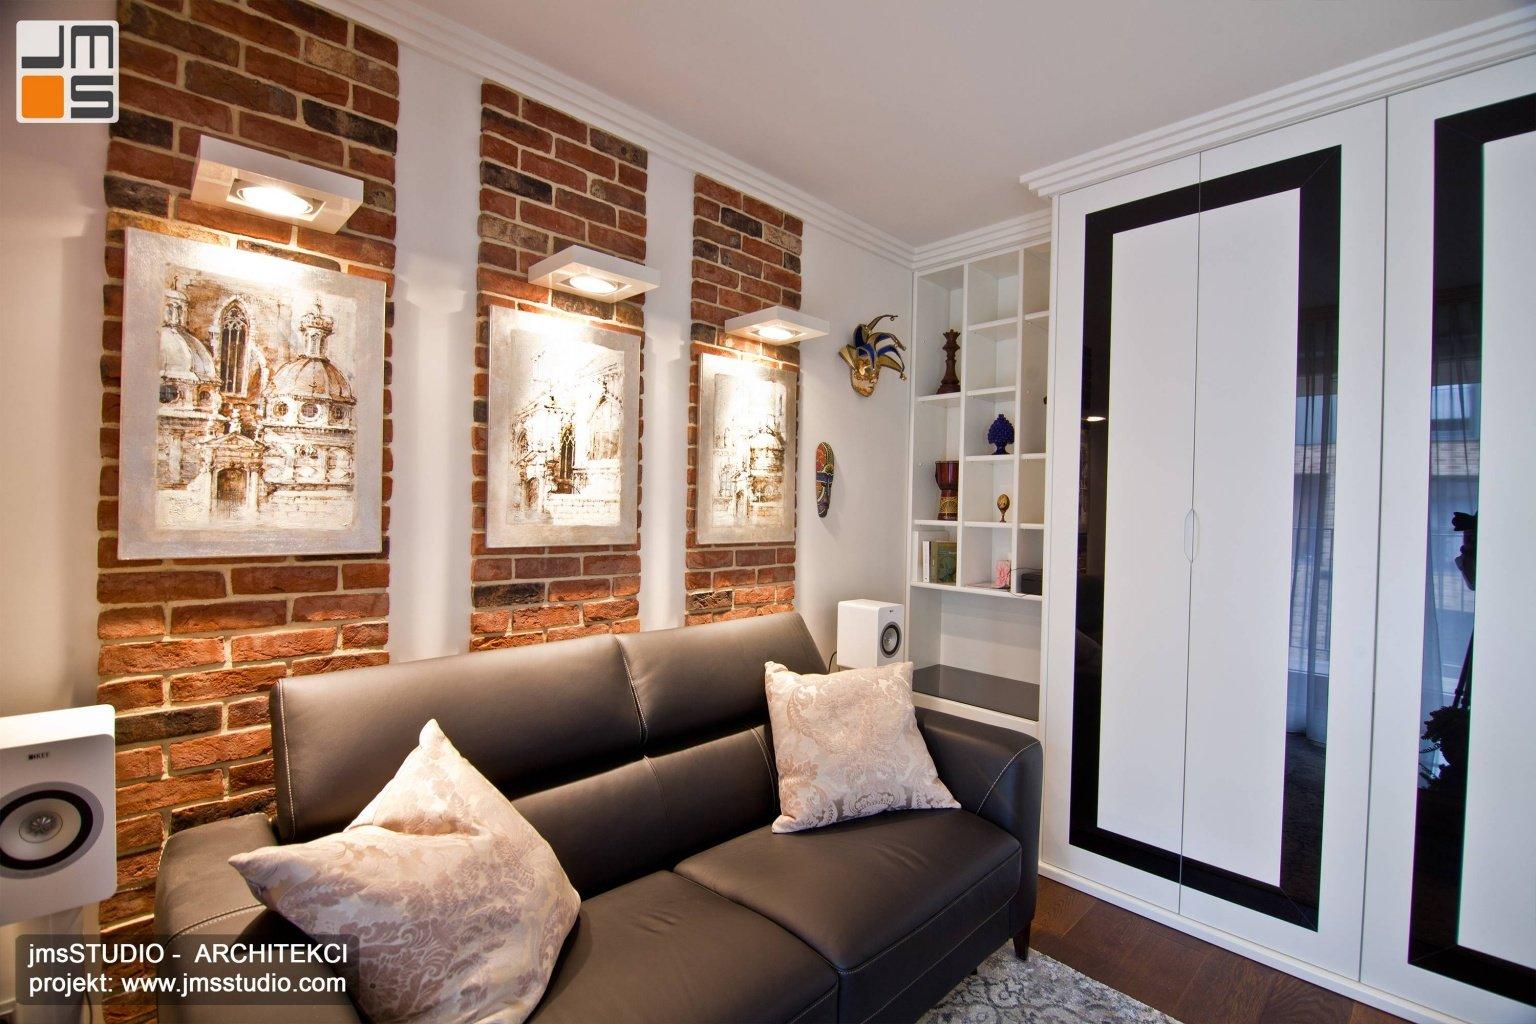 Projekt wnętrz z dużą zabudowaną szafą z lakierowanymi frontami i pomysł na ścianę z cegły w mieszkaniu w Krakowie